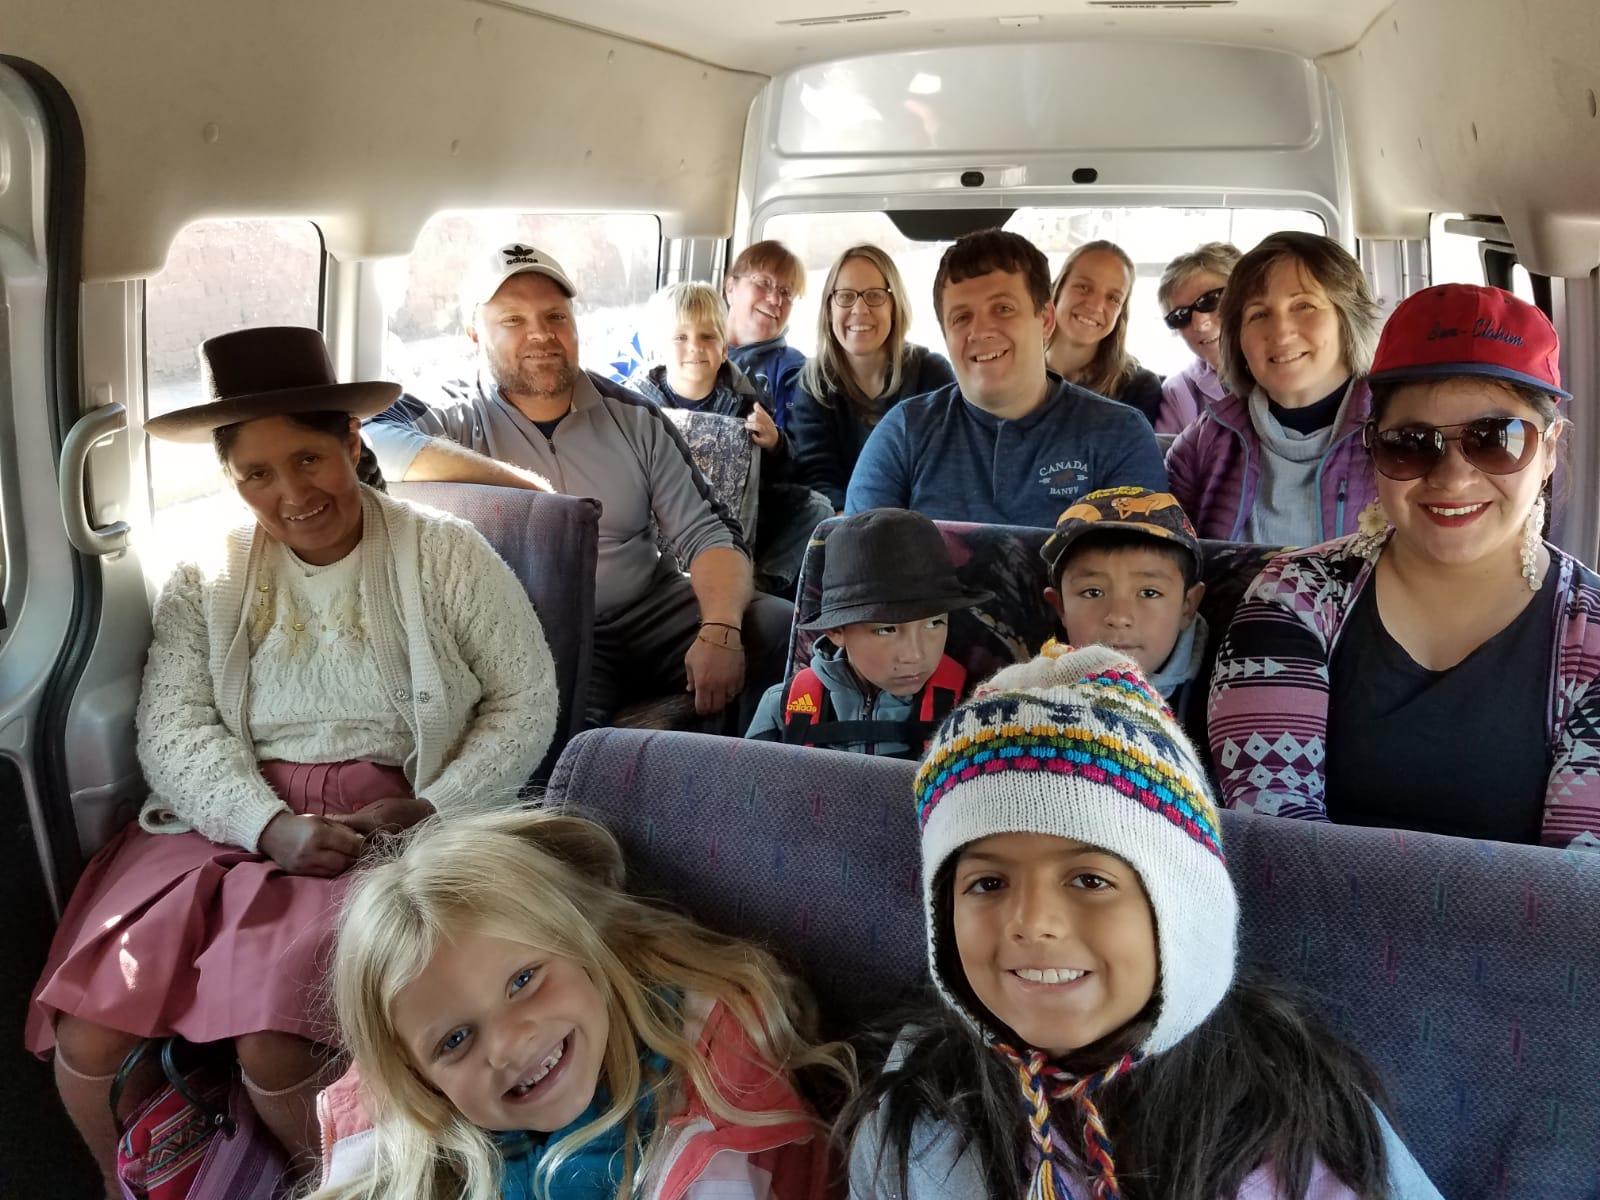 Everyone in the van